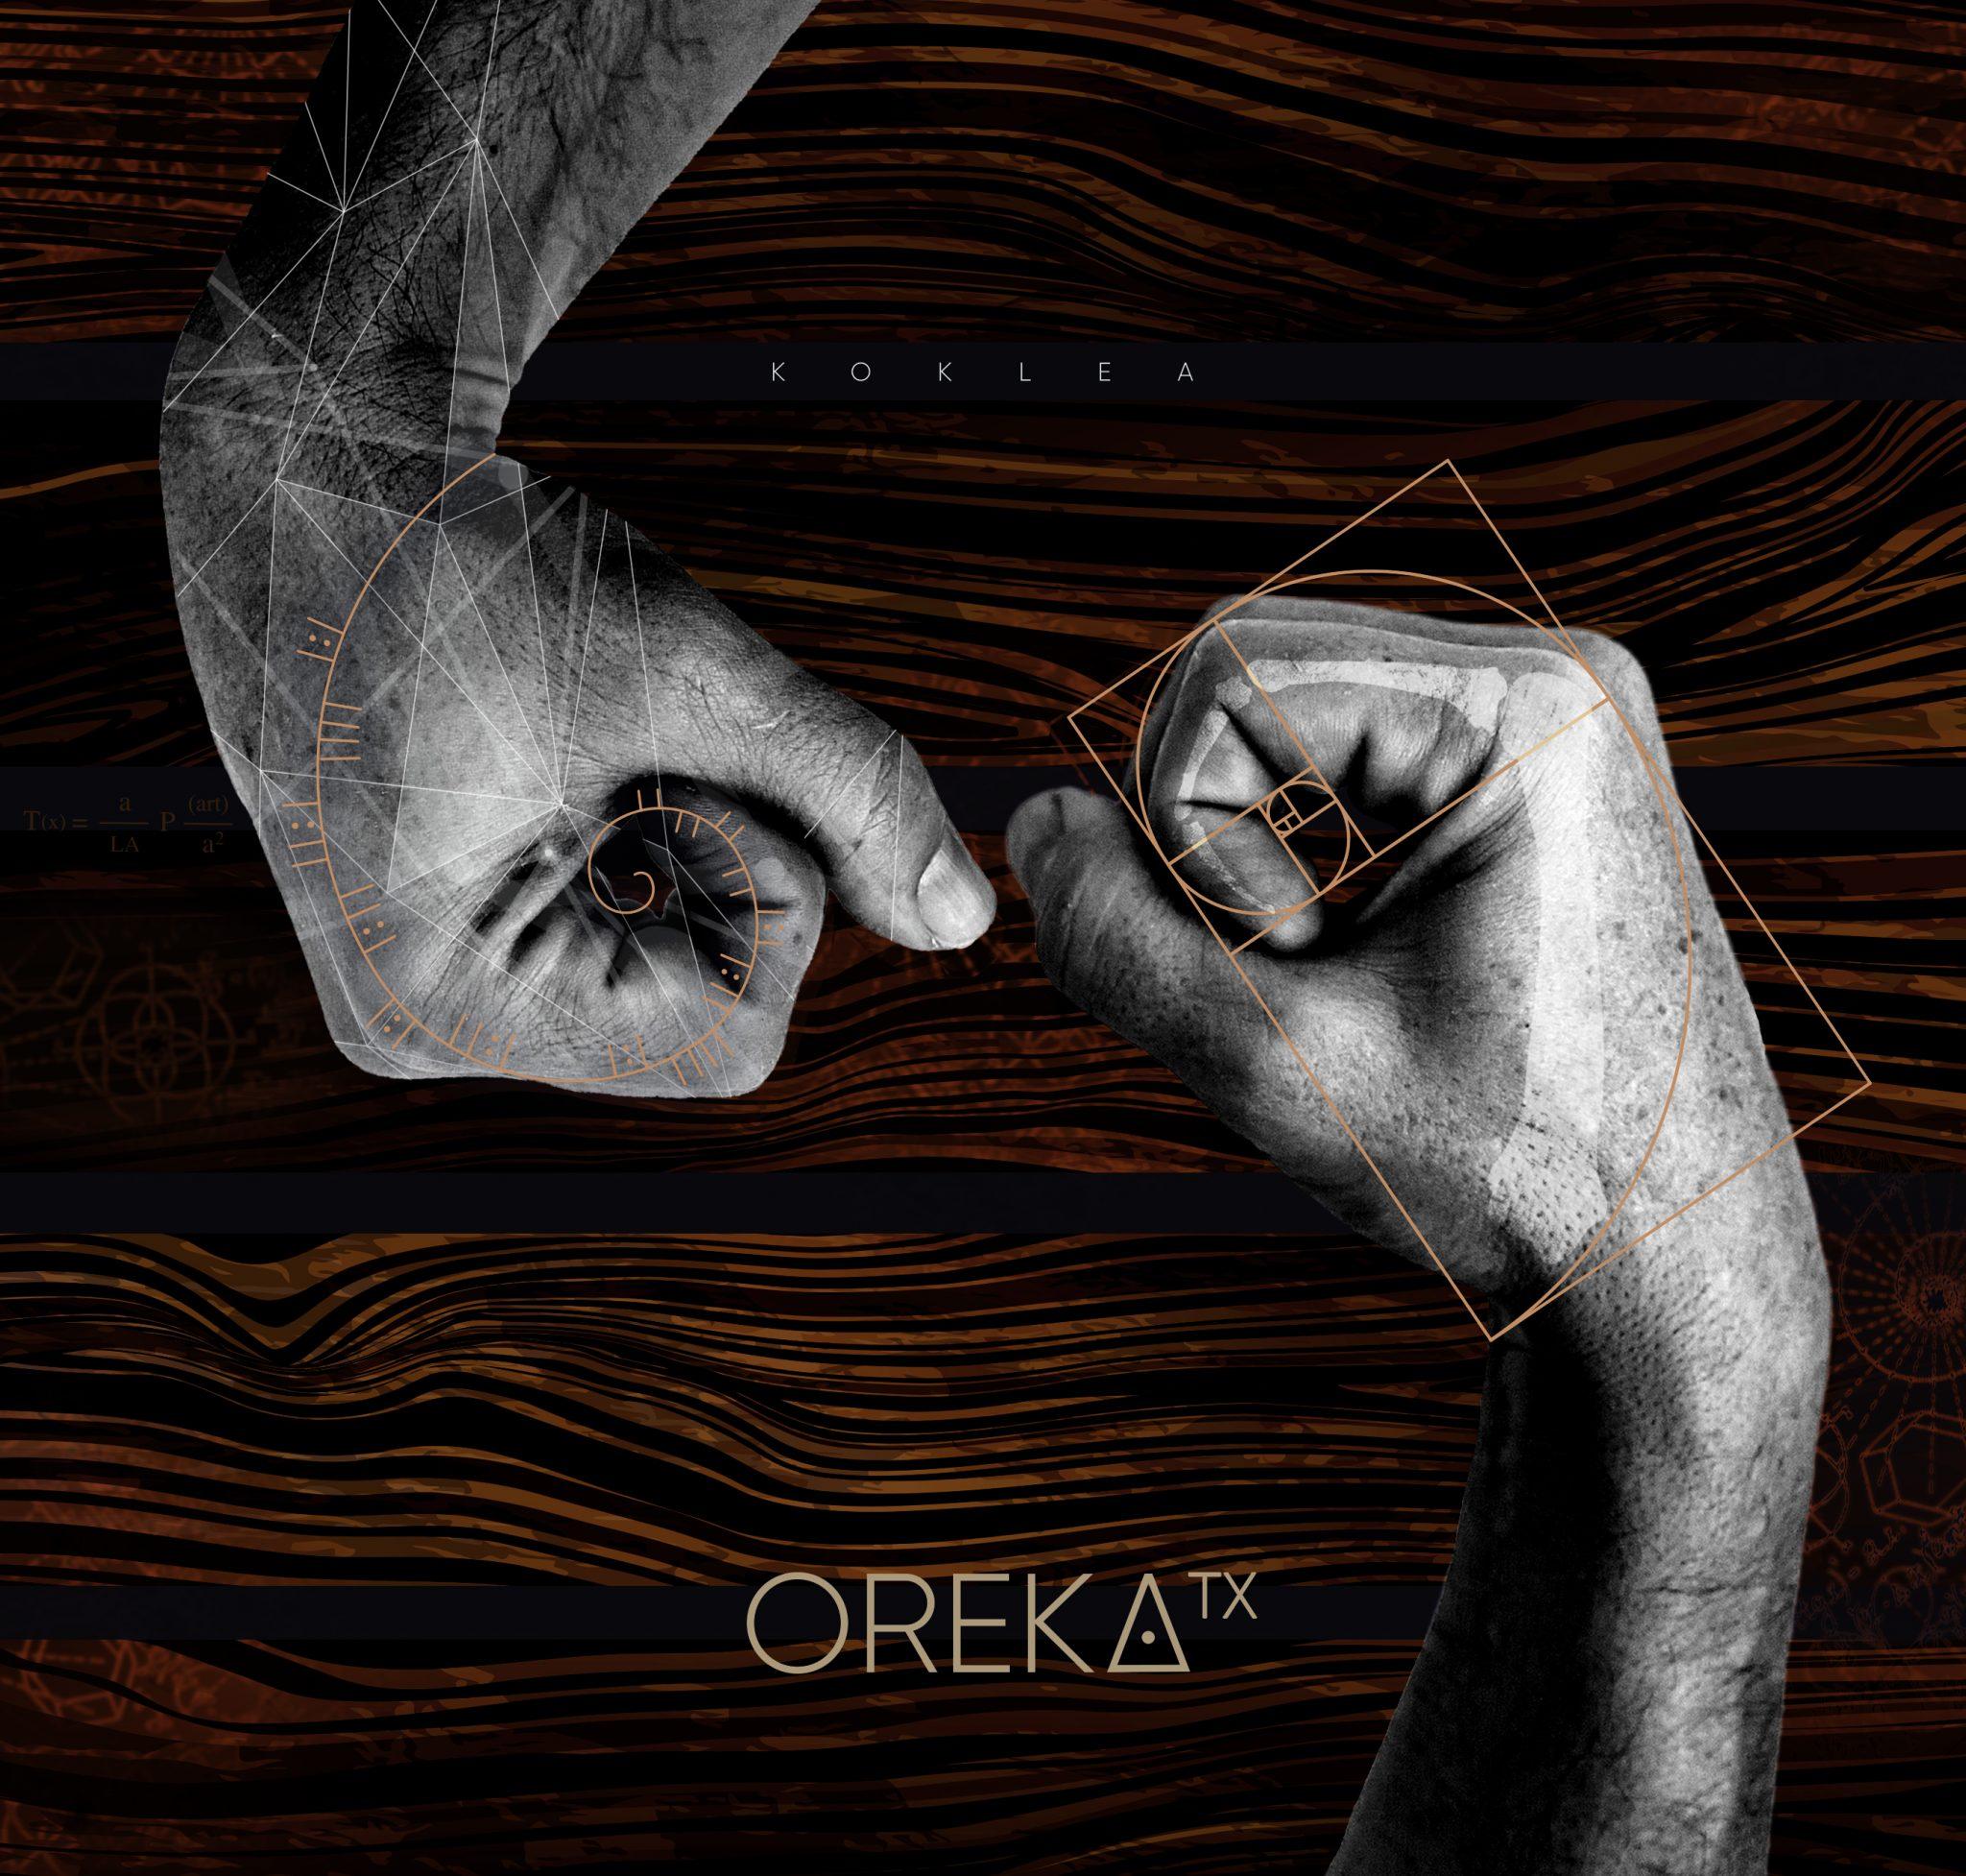 Oreka TX - Koklea